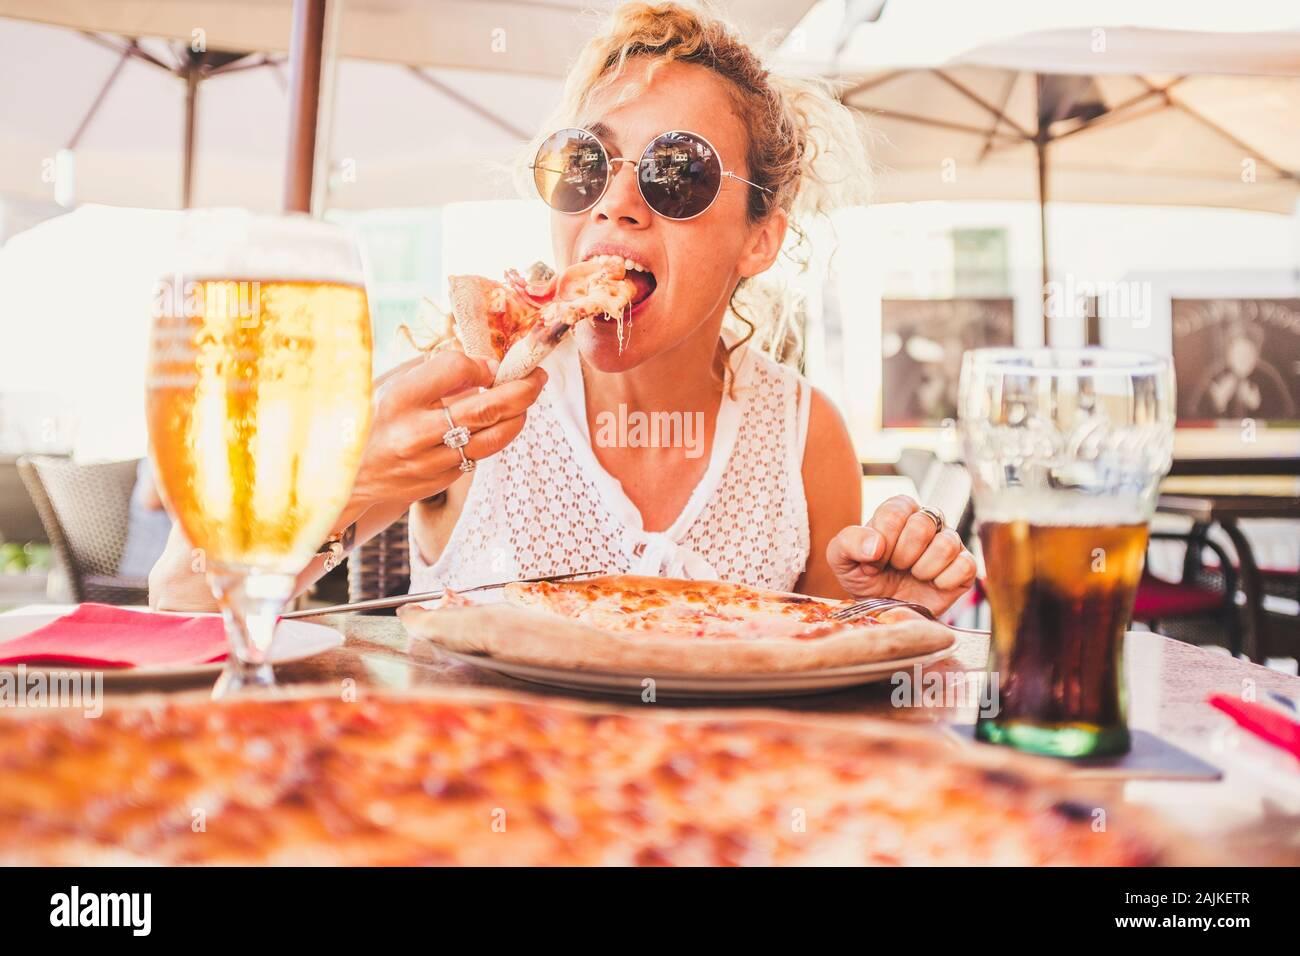 Hermosa mujer caucásica adulta comiendo comida italiana pizze - hombre par punto de vista con cerveza y una bebida fresca en la mesa - gente disfrutando restaura Foto de stock